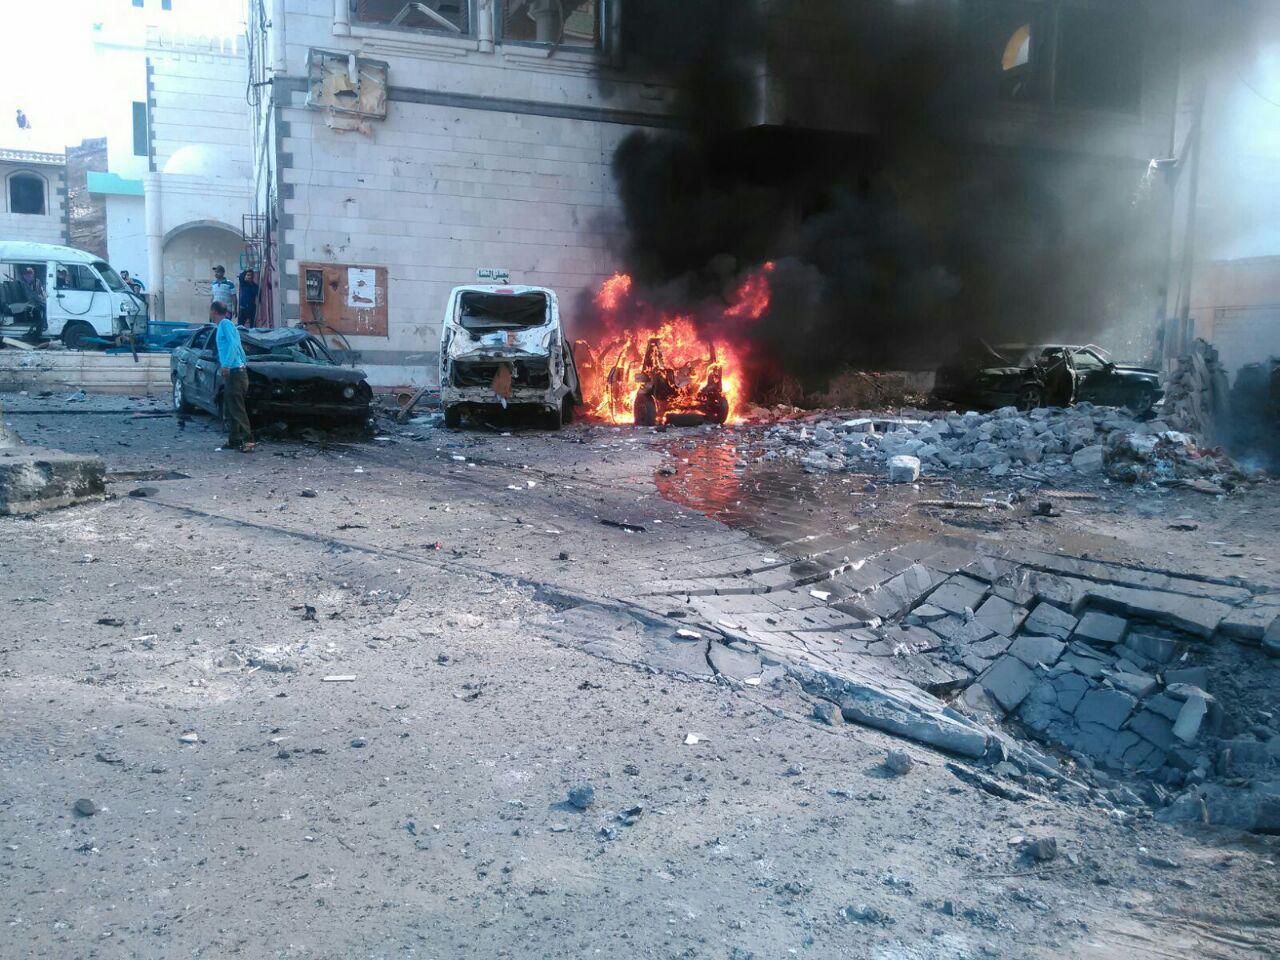 داعش يعلن مسؤوليته عن التفجيرات التي استهدفت نقطة أمنية في عدن ظهر اليوم